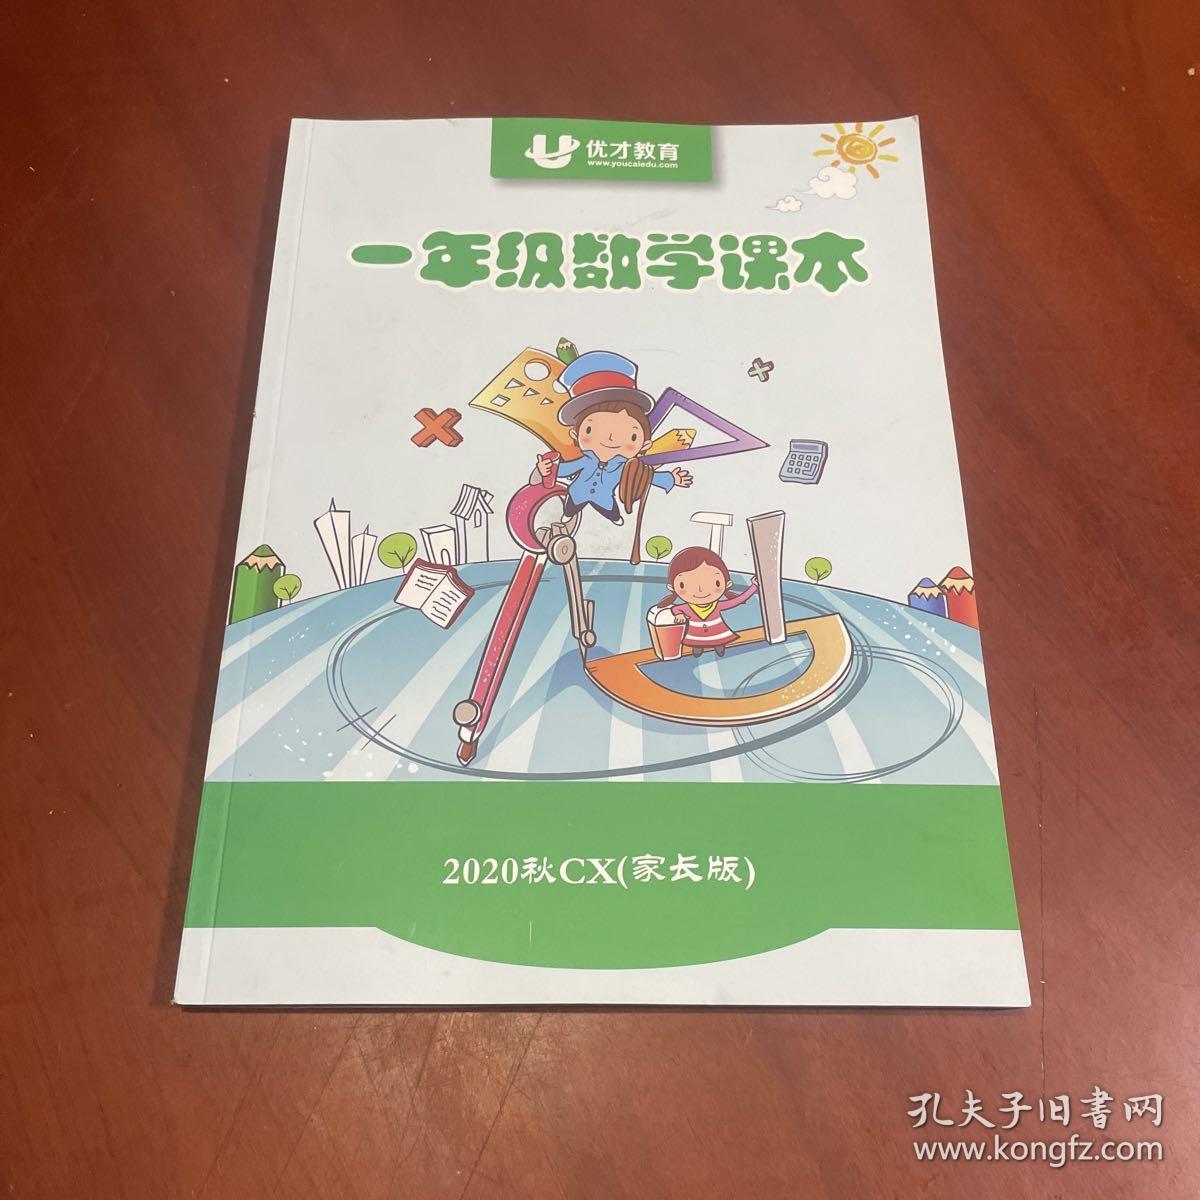 优才教育 一年级数学课本 2020秋CX(家长版)